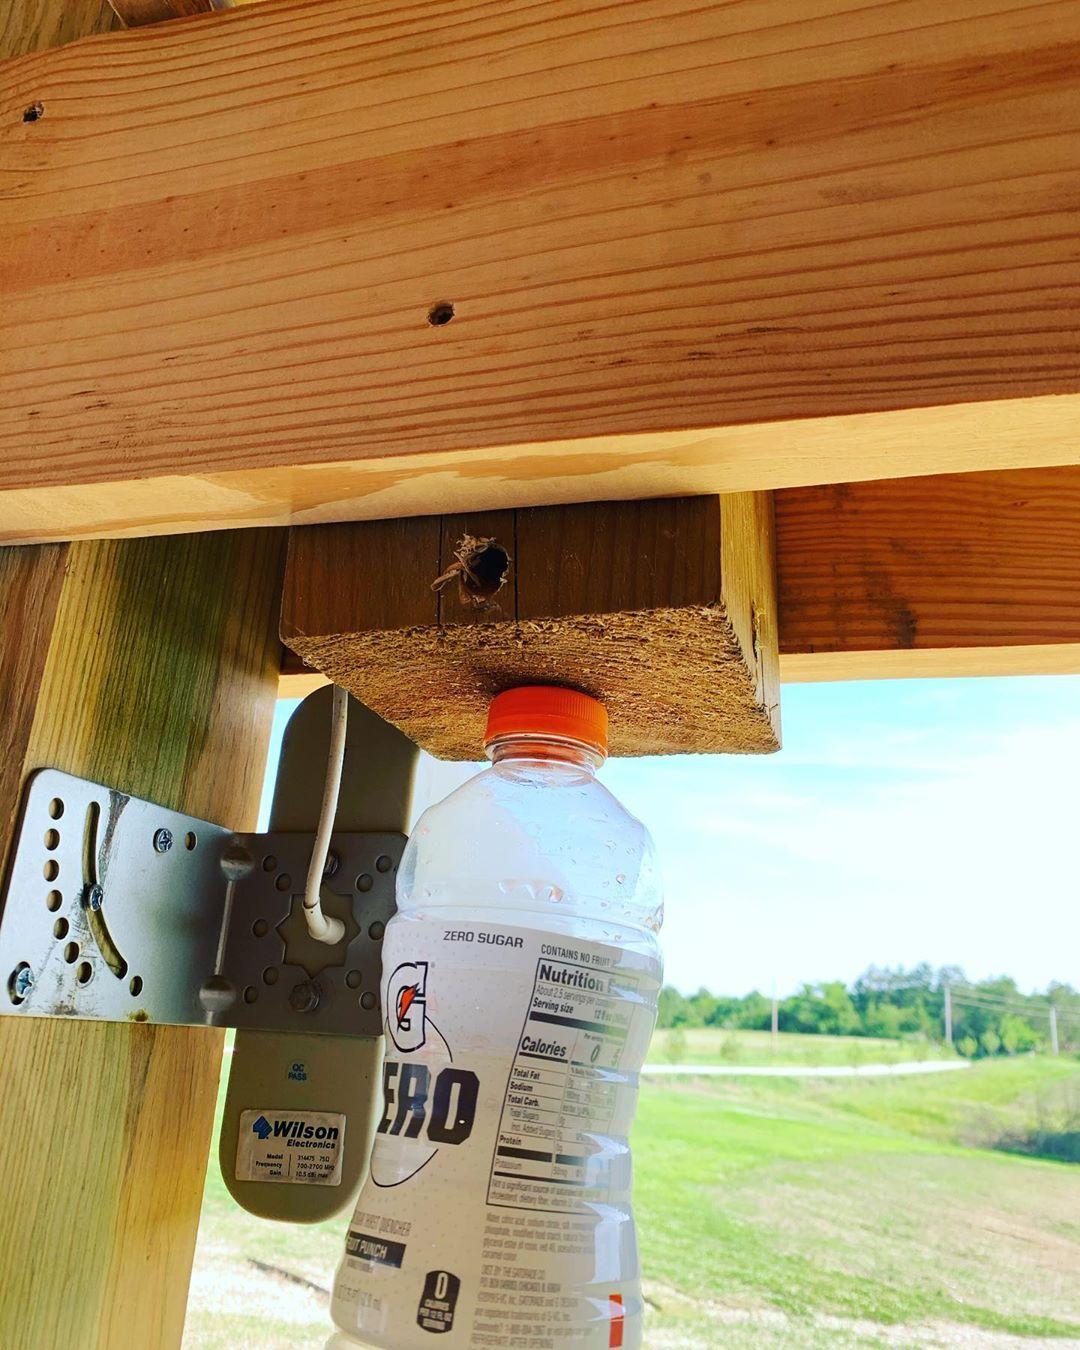 Carpenter bee trap beetrap bees outdoors homeidea diy